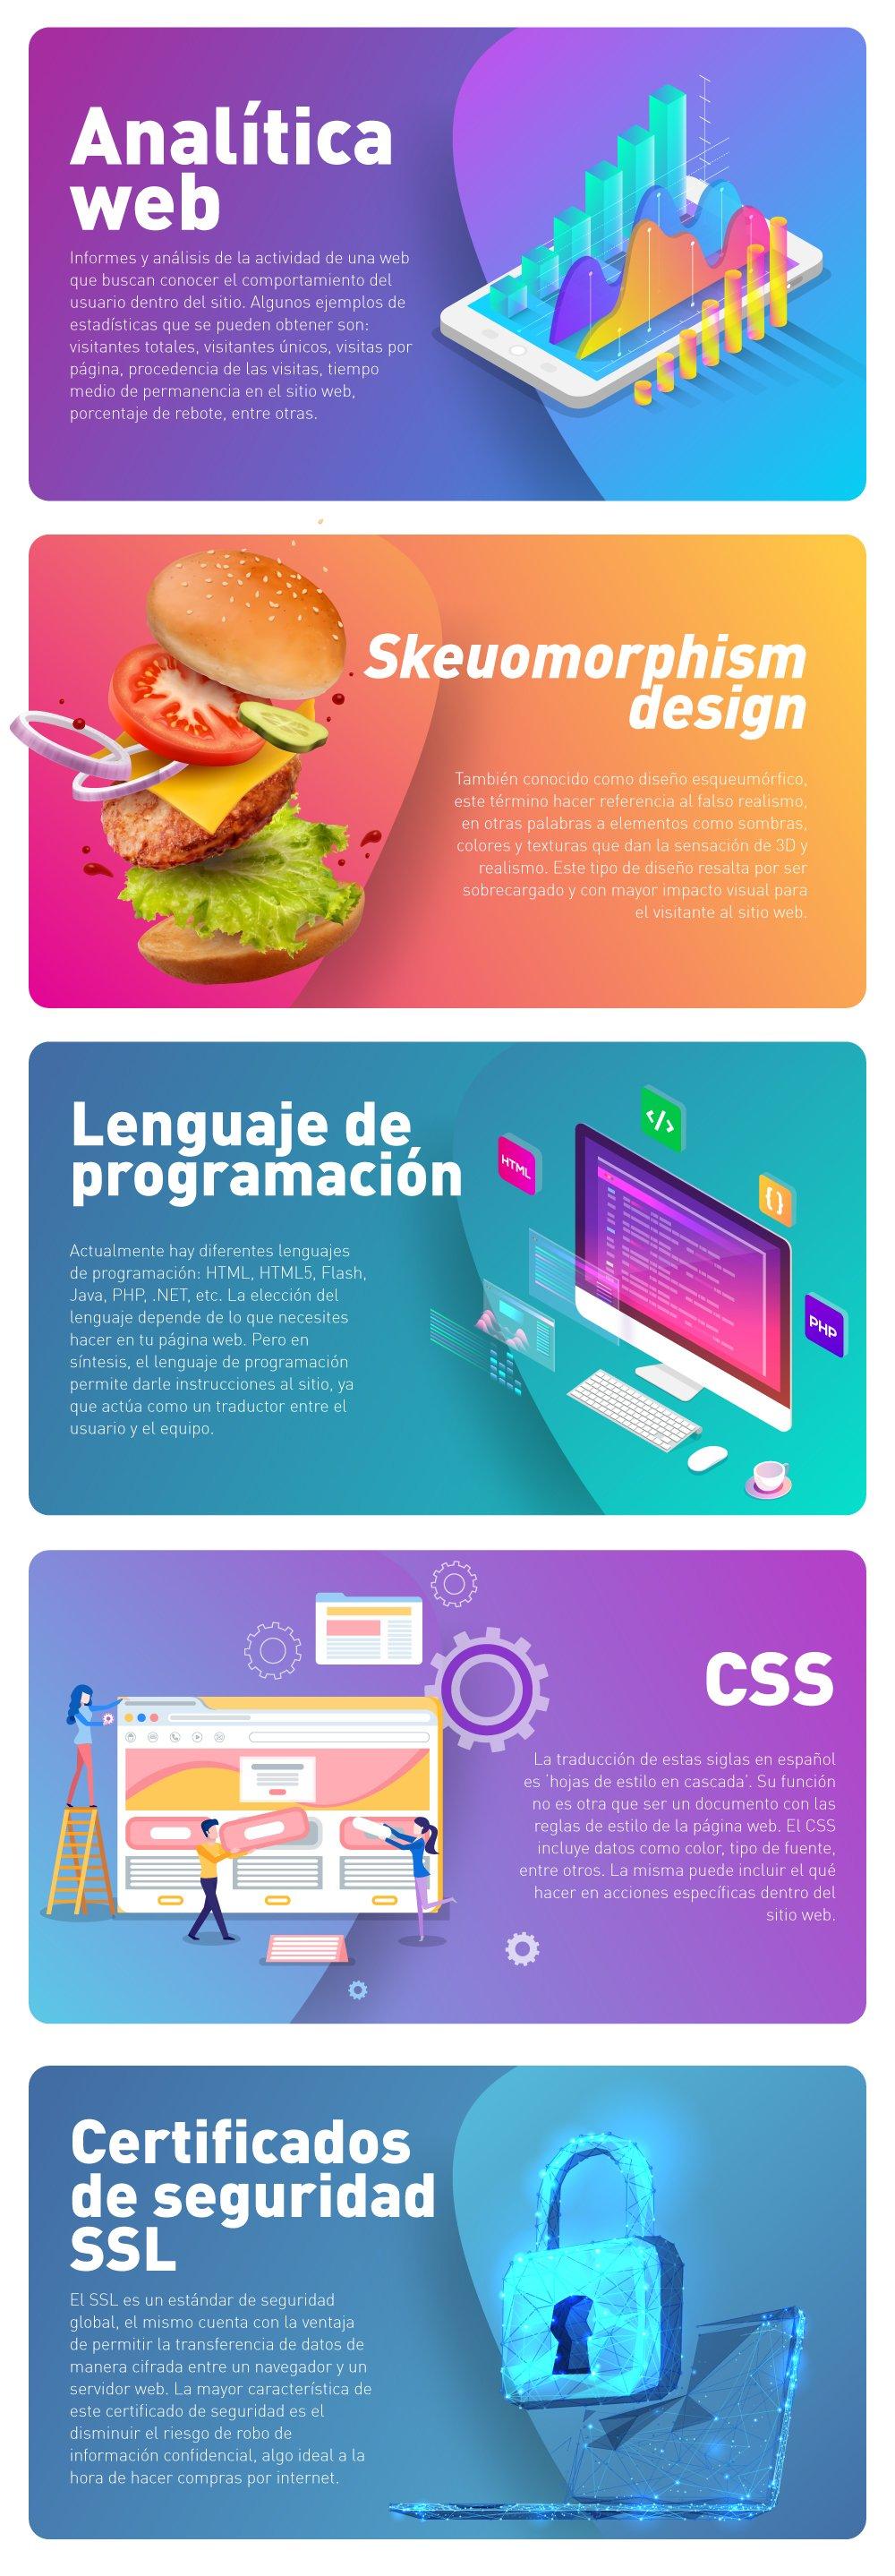 Los 5 términos más usados detrás de una página web_Info